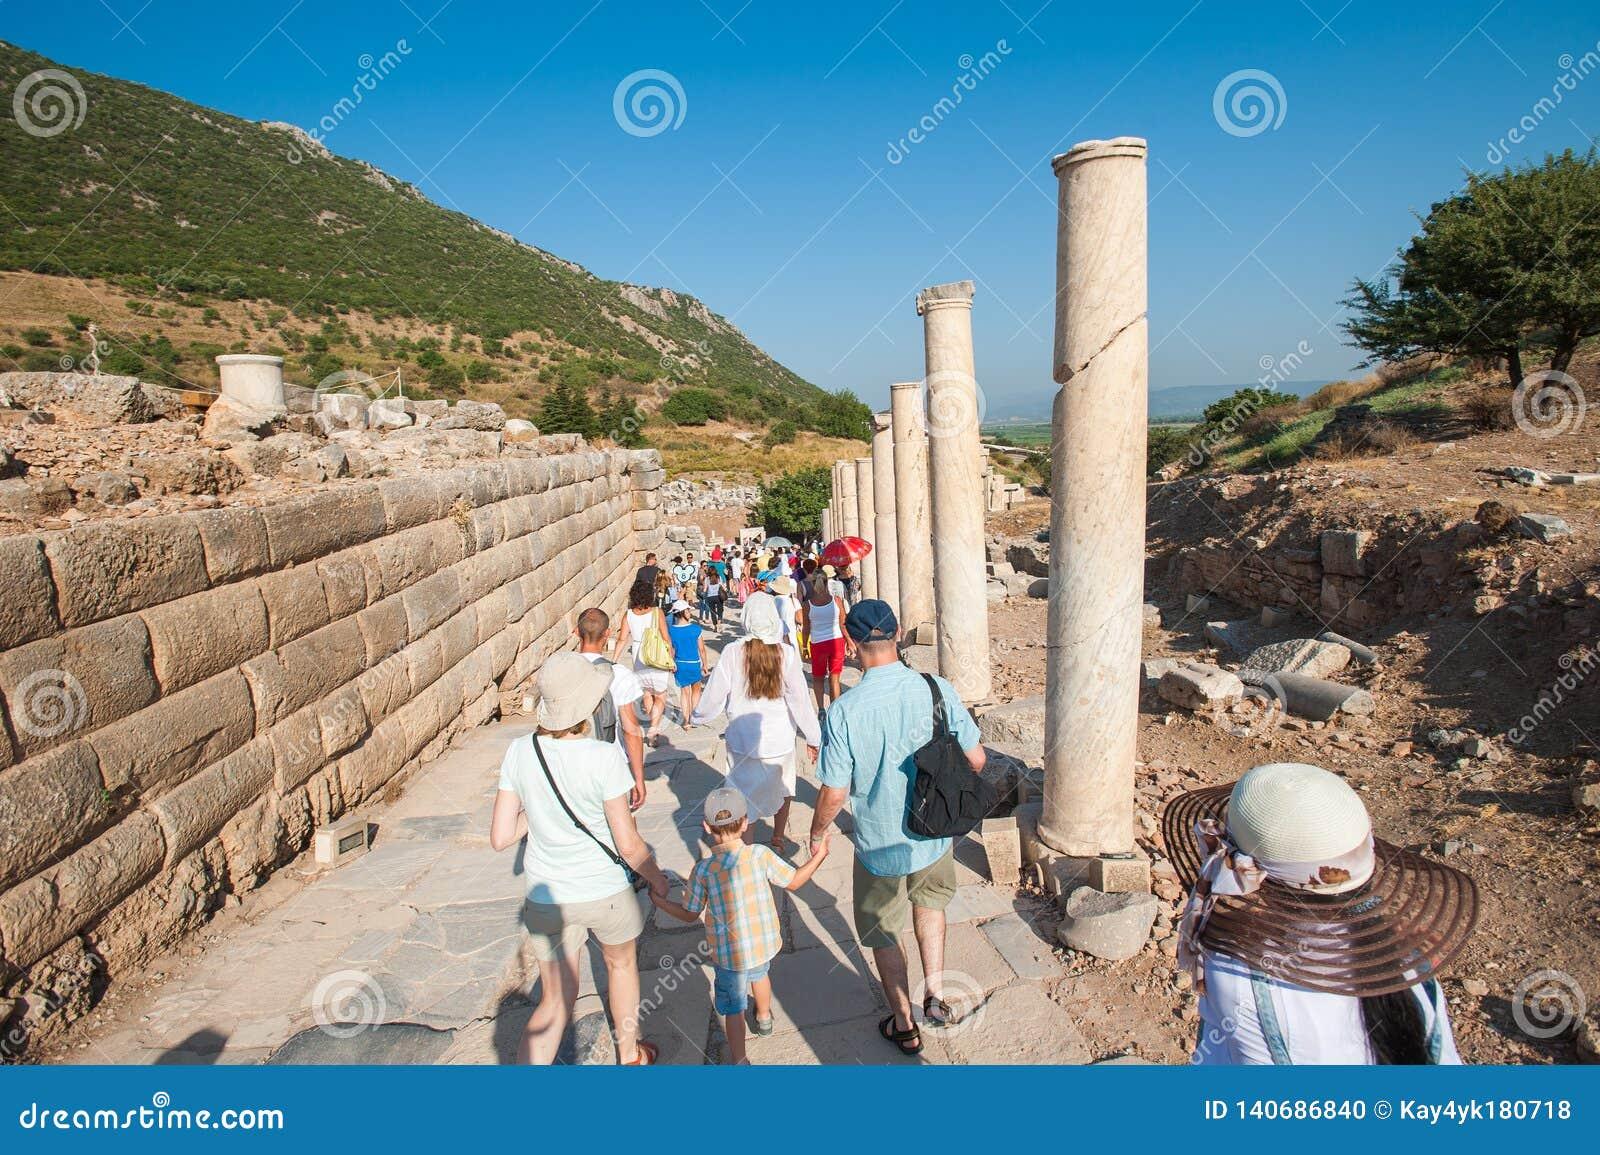 Touristes en tournées des ruines, aucun guide